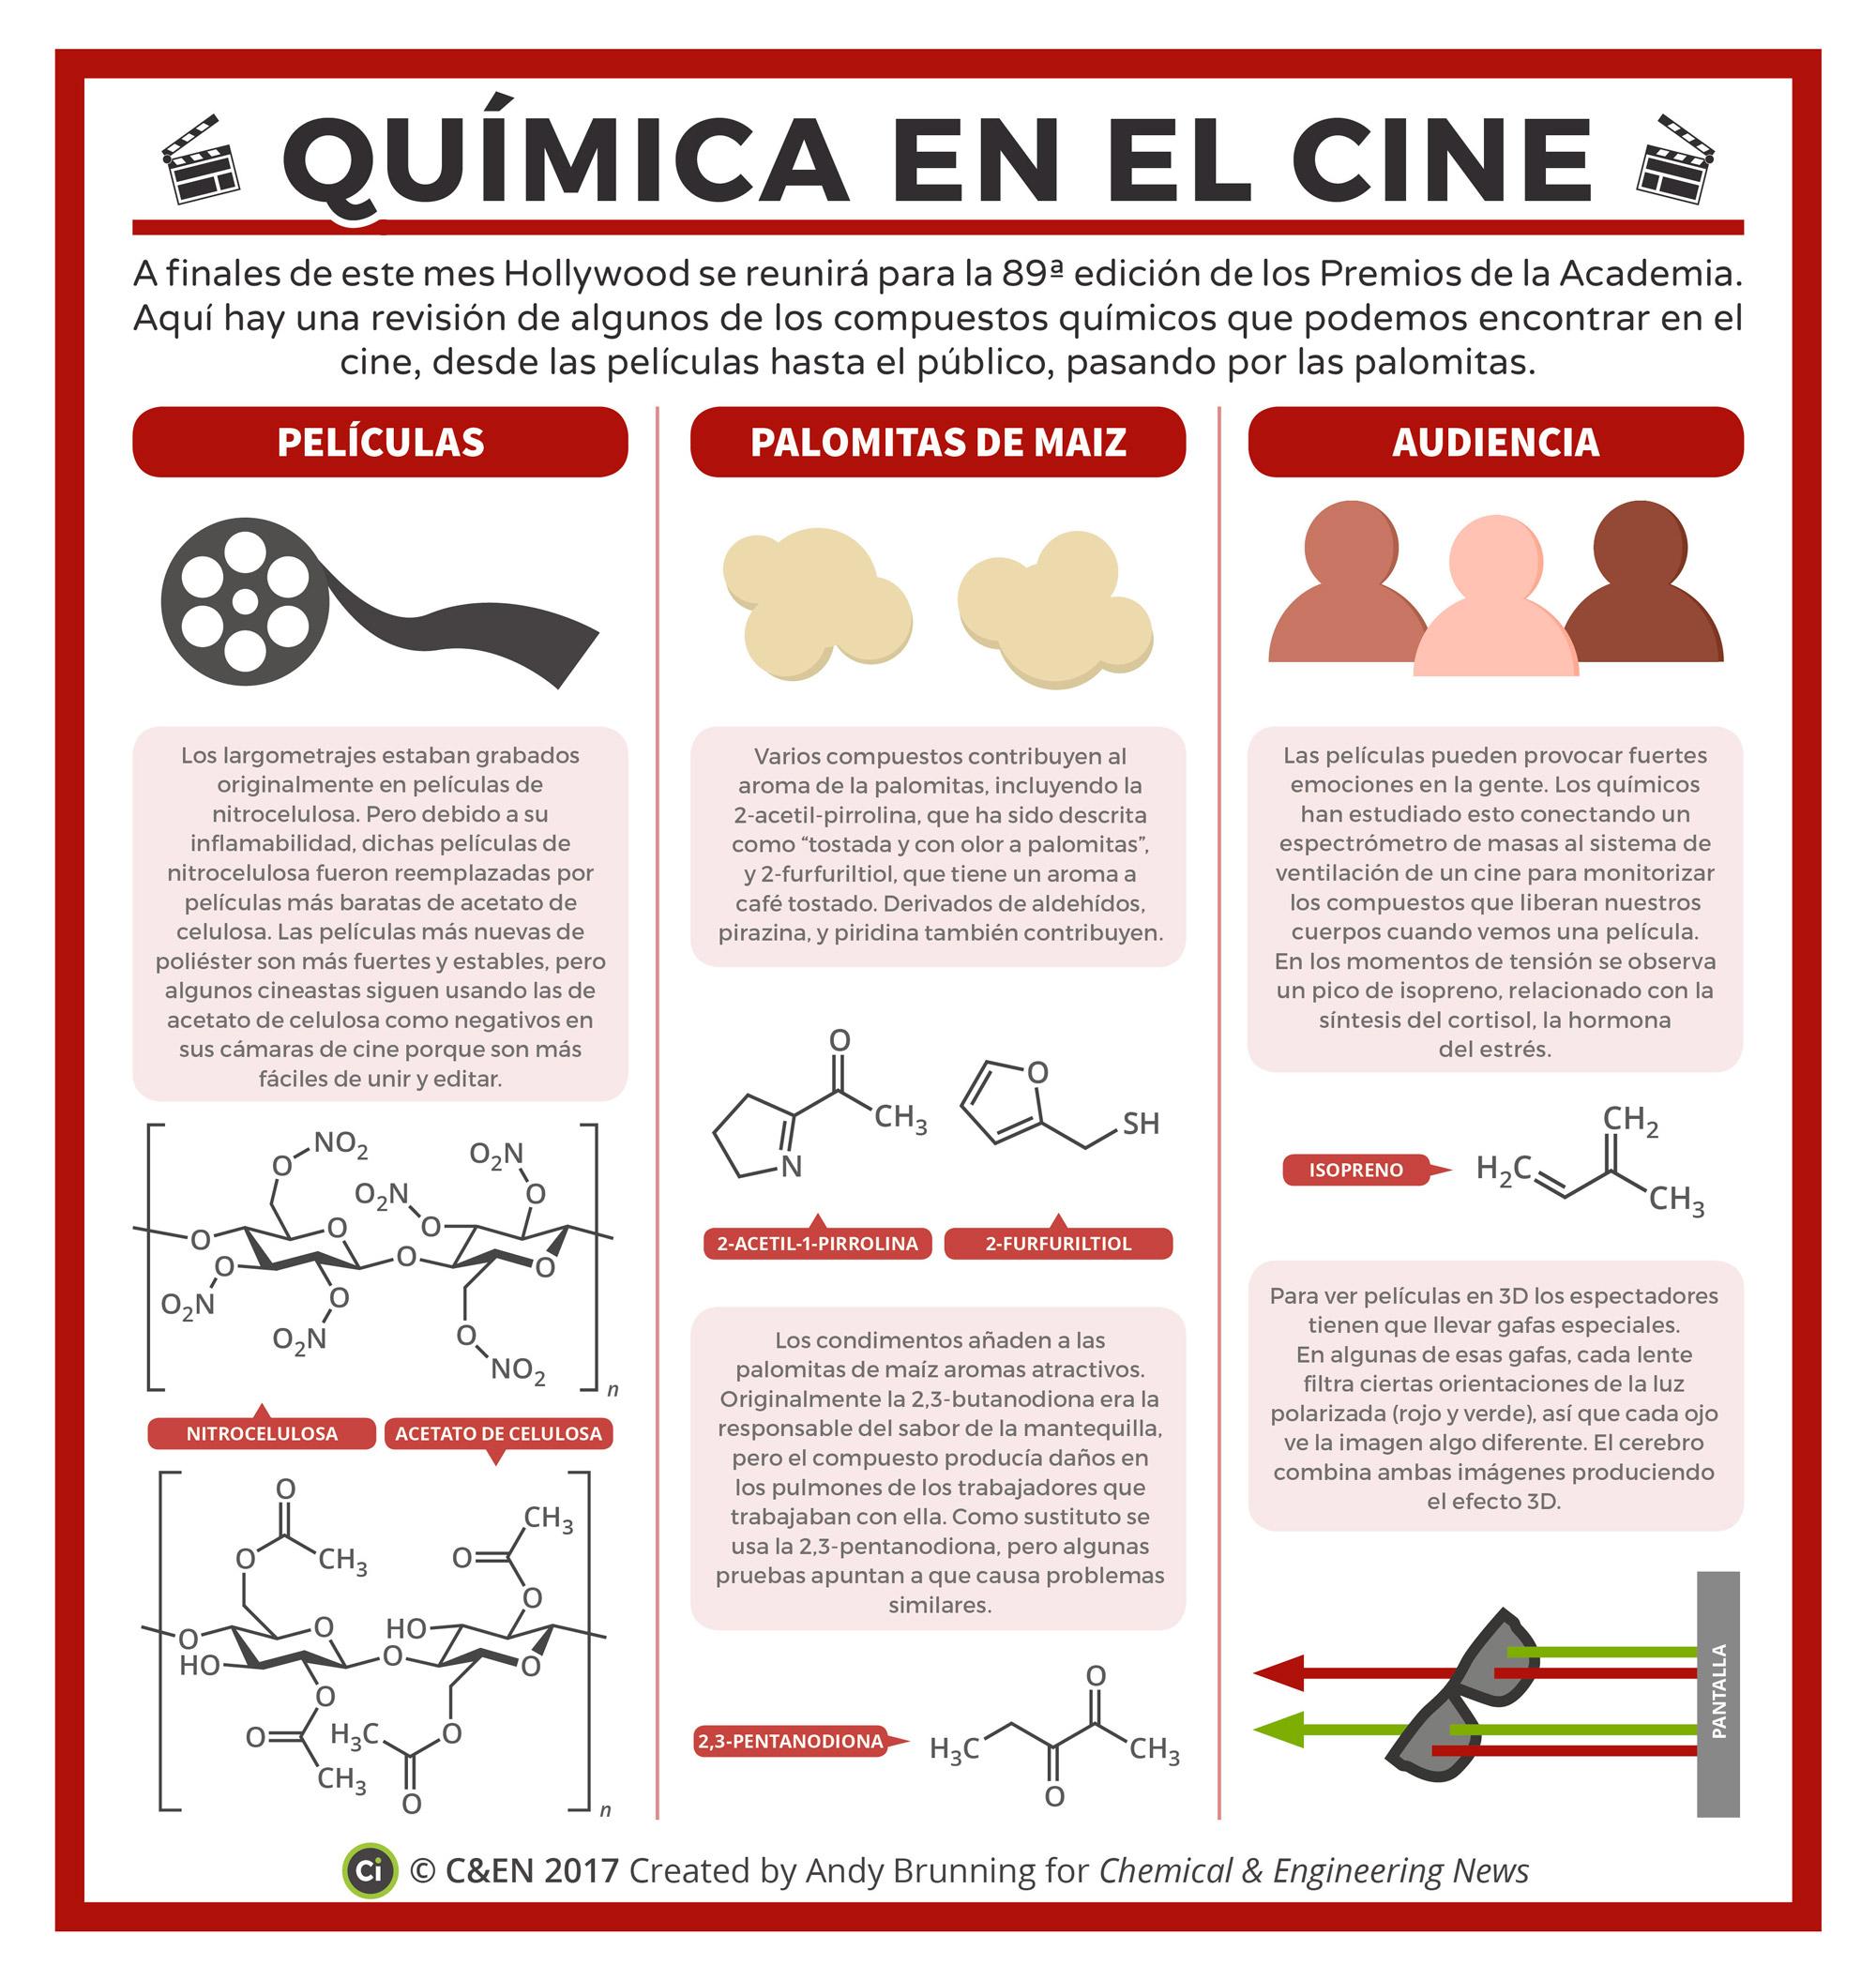 Química en el cine